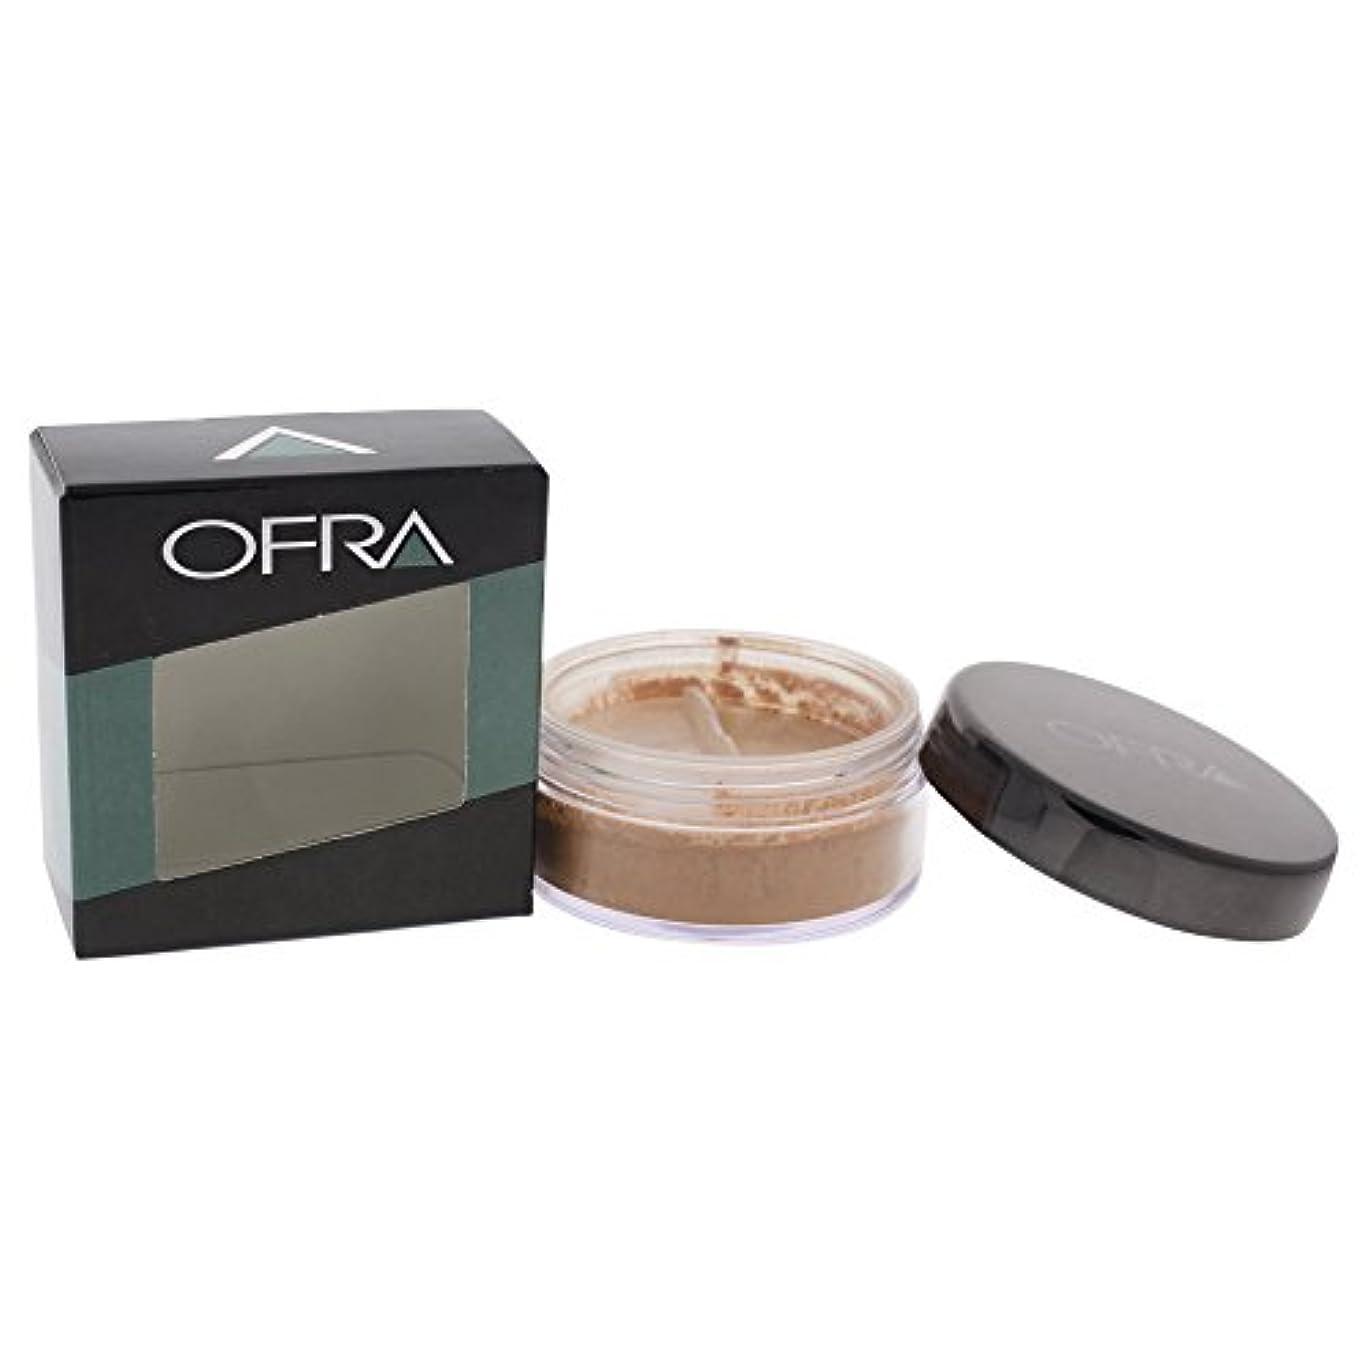 動キャロラインおとこDerma Mineral Makeup Loose Powder Foundation - Sand